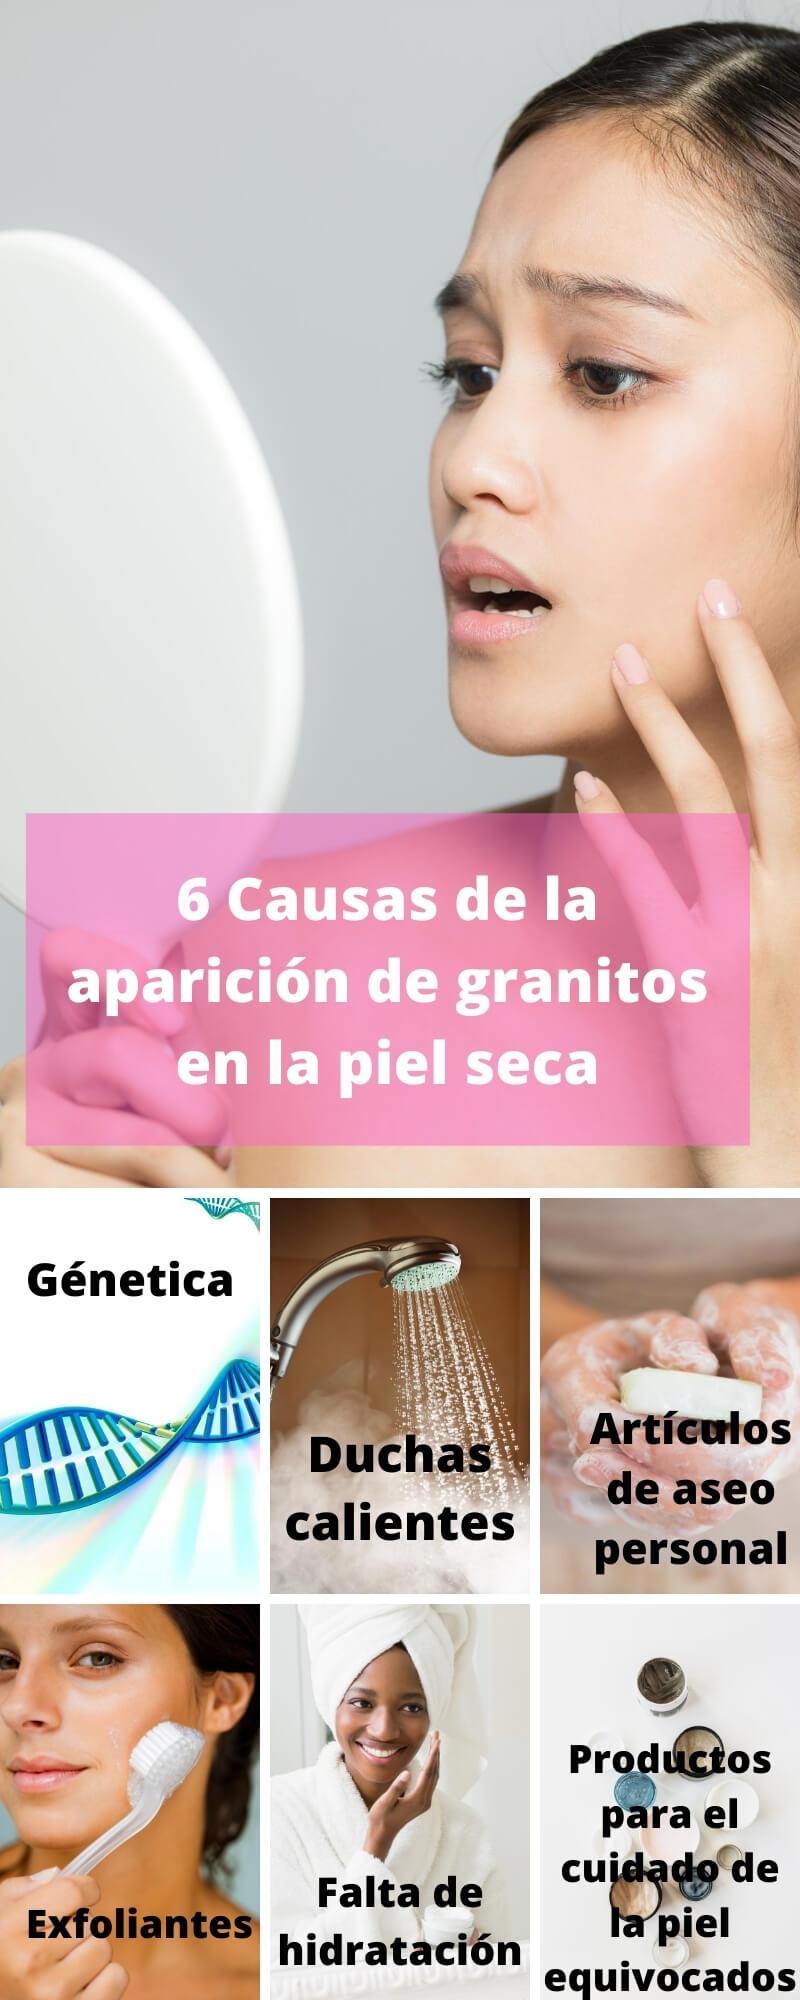 Infografía de las razones más comunes de la aparición de granitos en la piel seca